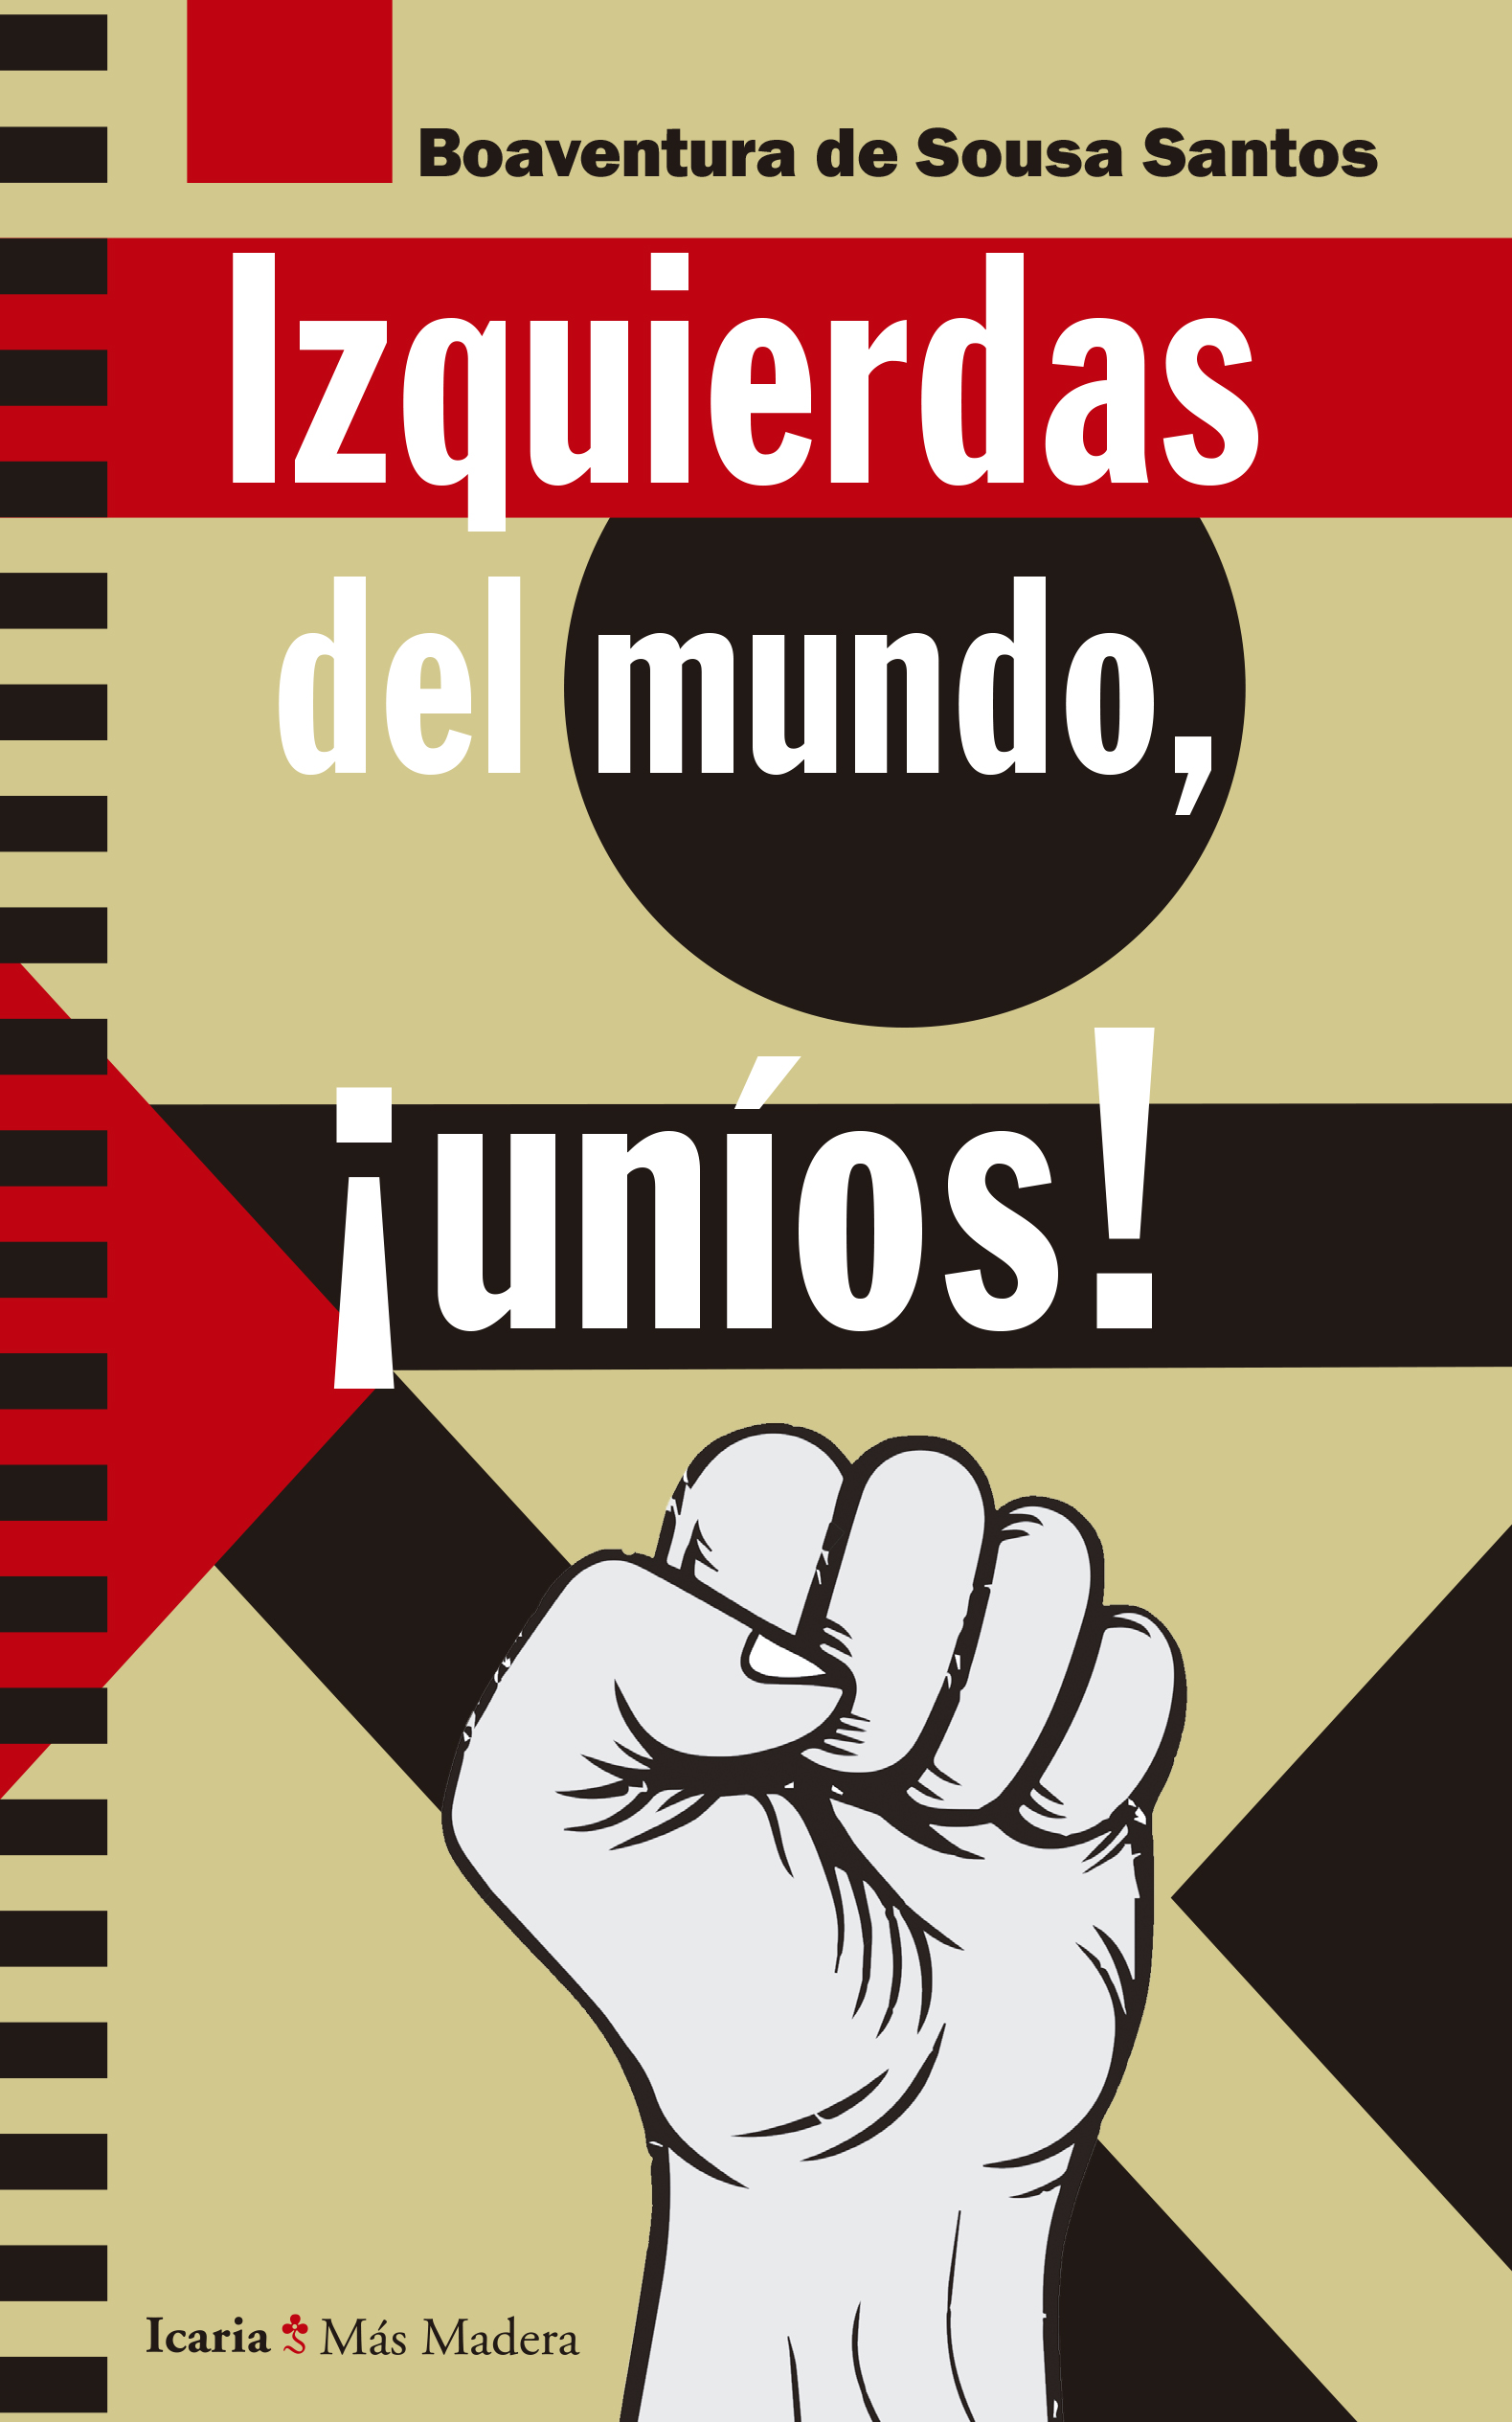 Portada del libro 'Izquierdas del mundo, ¡uníos!', de Boaventura de Sousa Santos (Ed. Icaria)